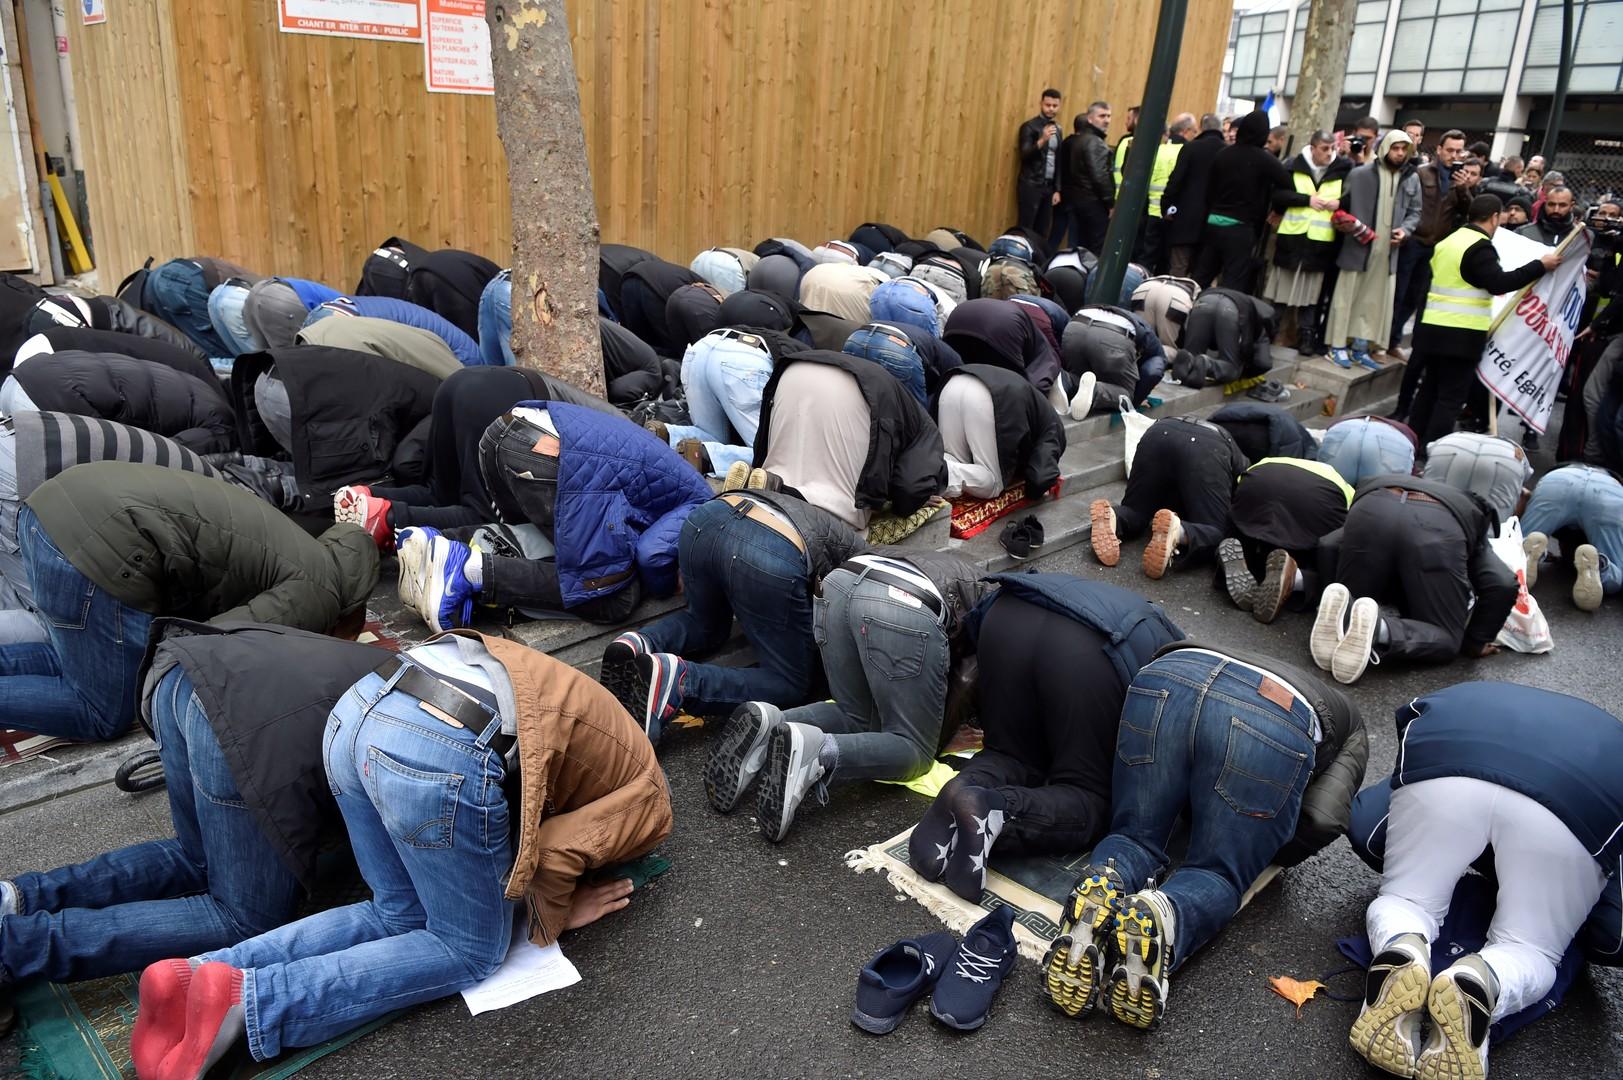 A Clichy une centaine d'élus LR, UDI, MoDem et FN tentent d'empêcher une prière de rue (IMAGES)